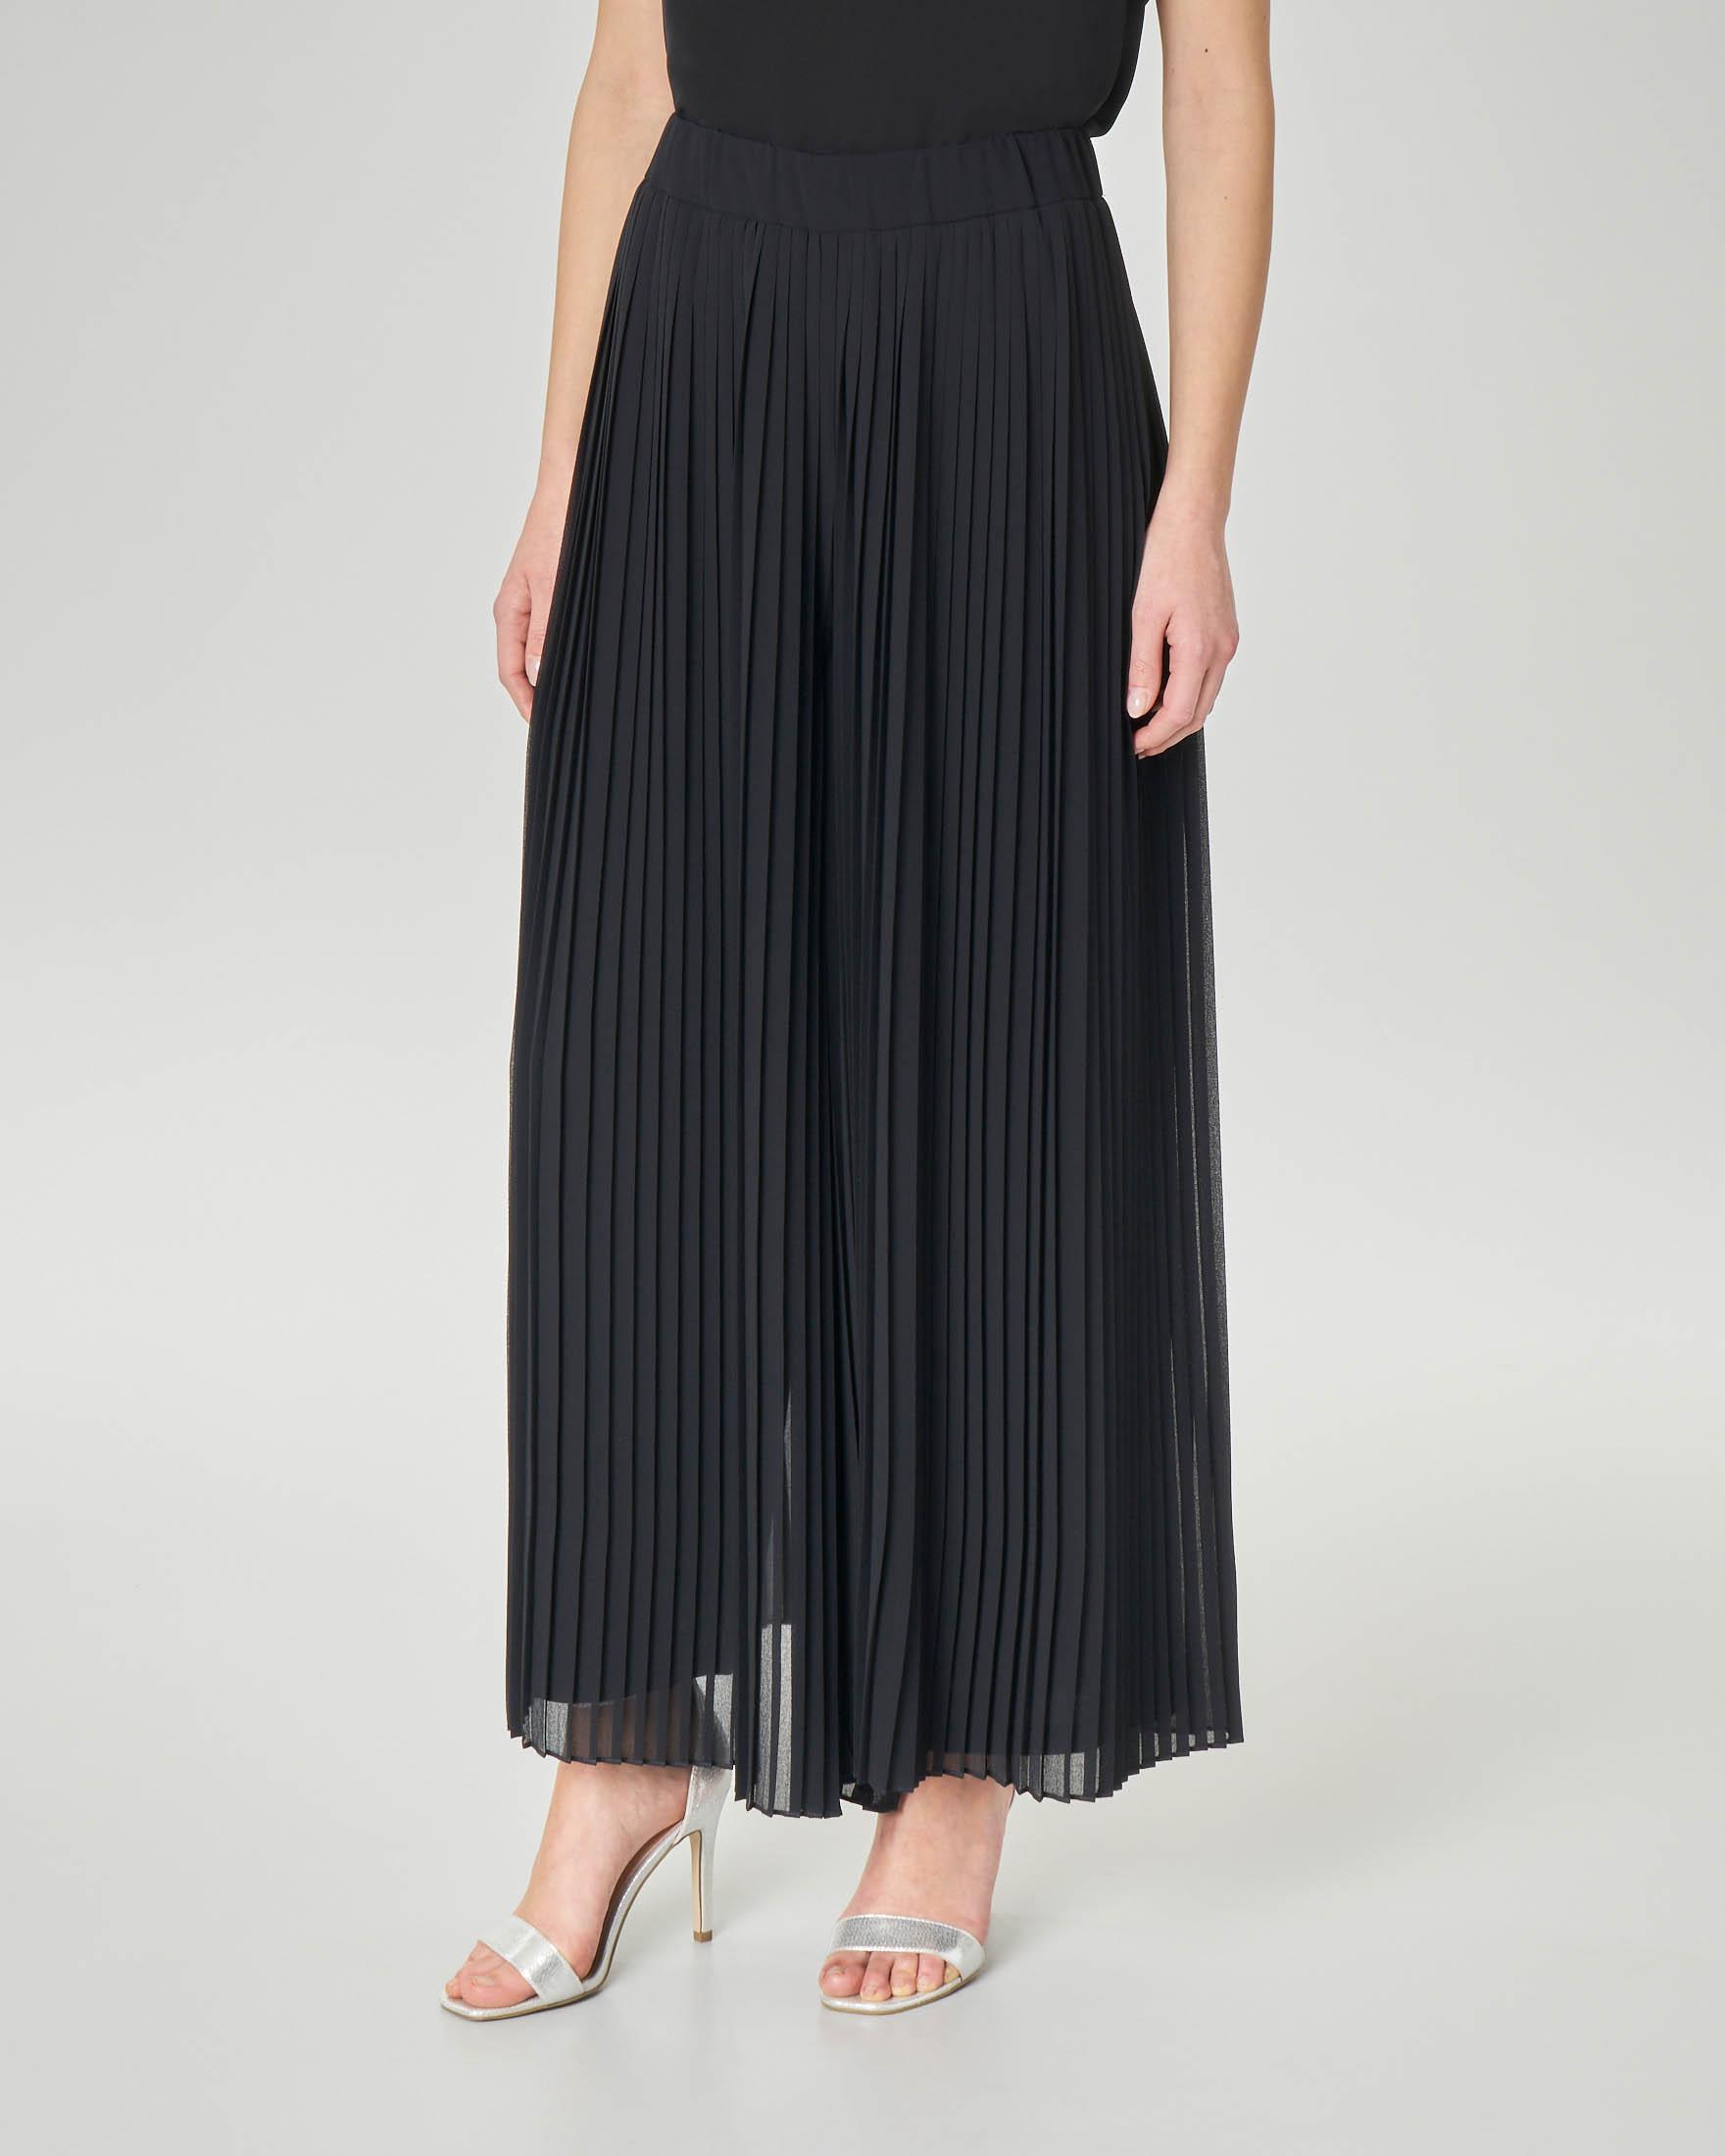 Pantaloni palazzo neri plissè